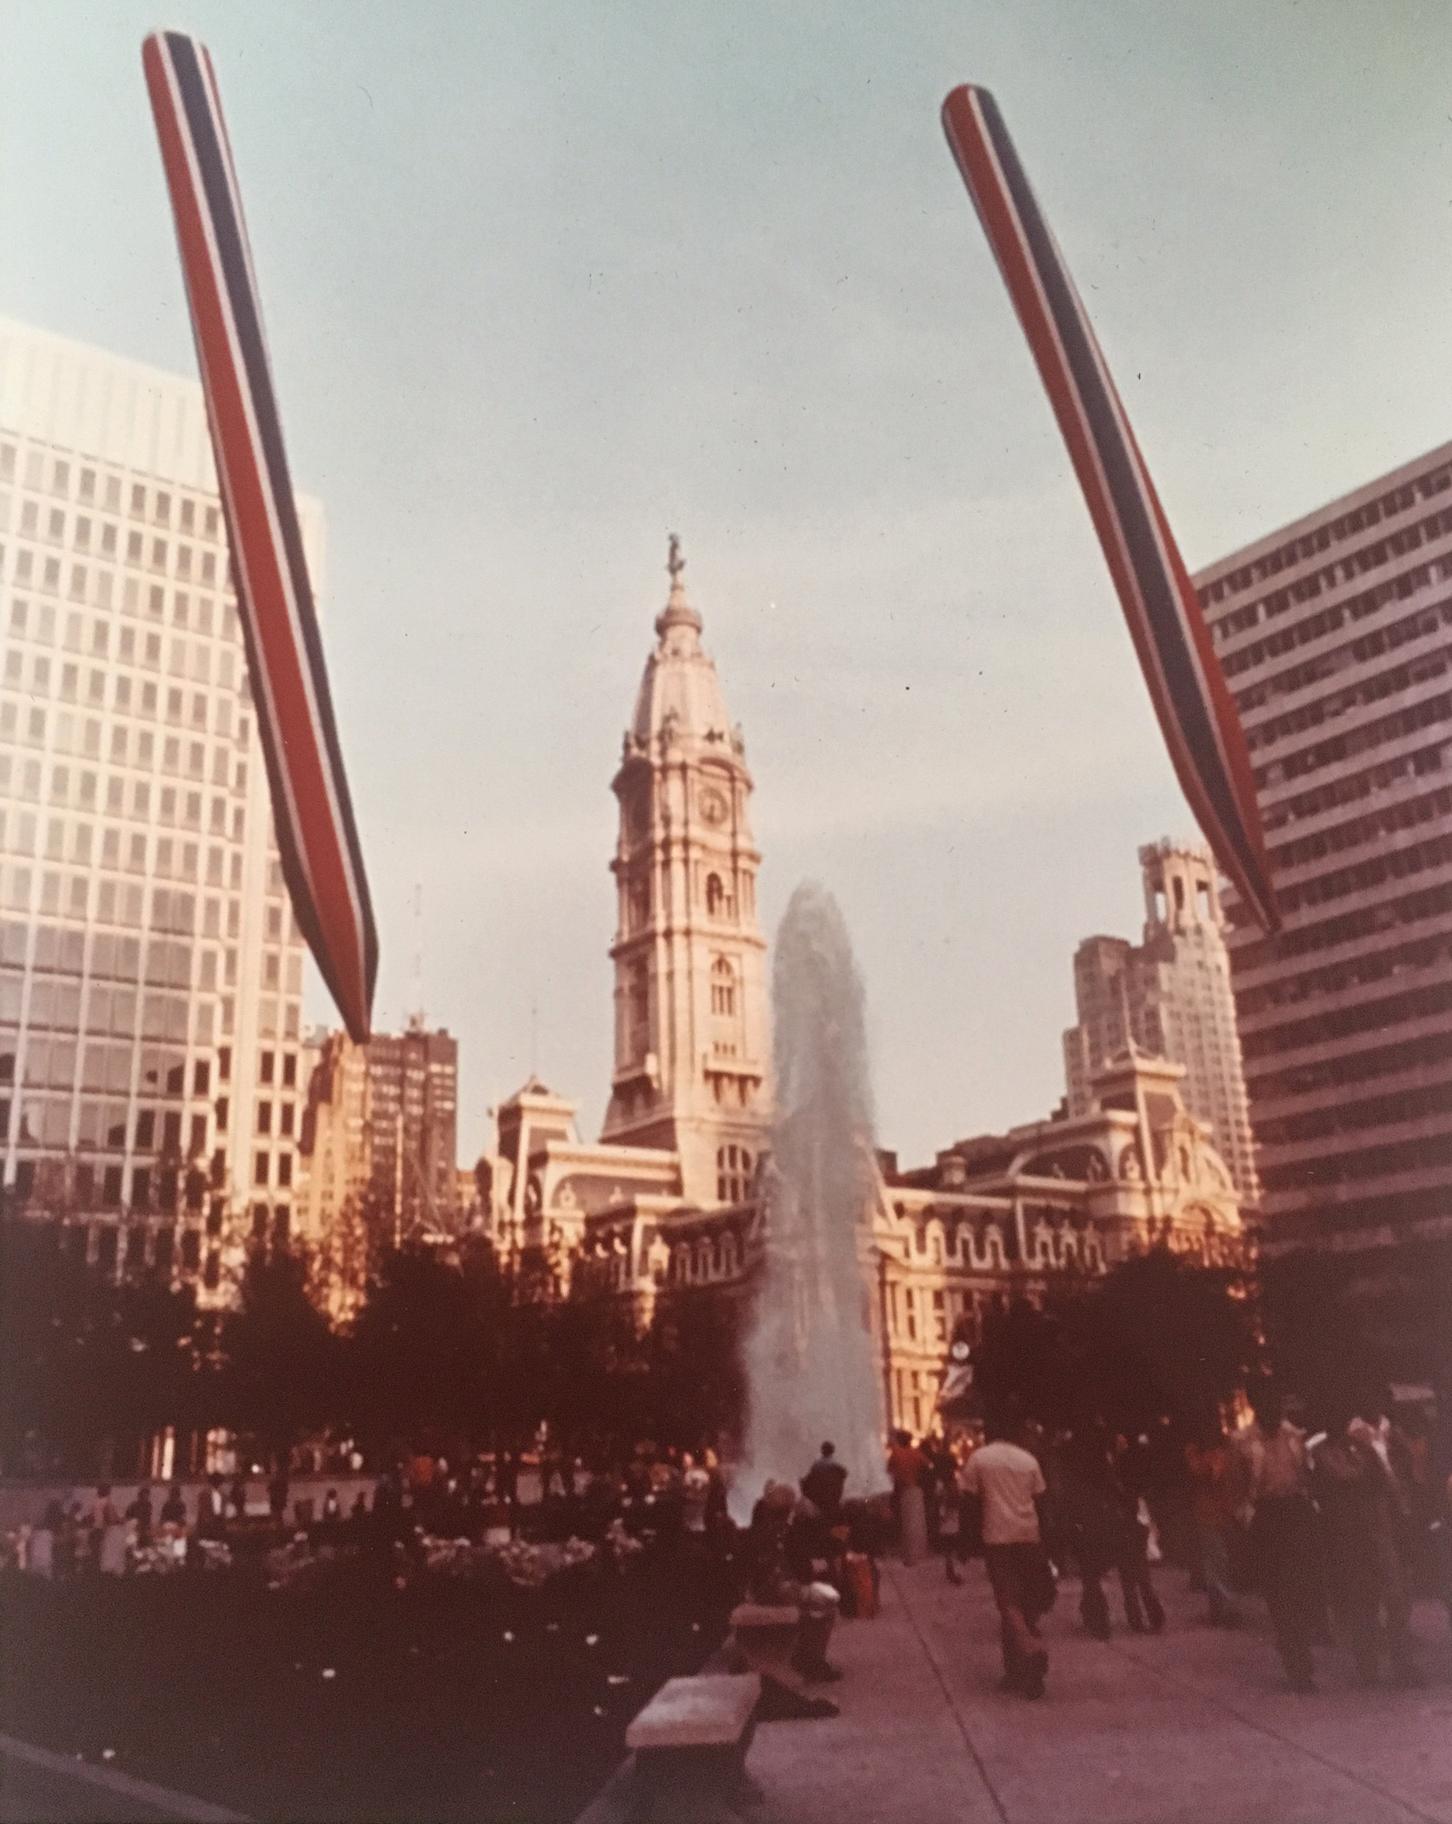 Remo Saraceni 1976 Bicenntenial_Philadelphia